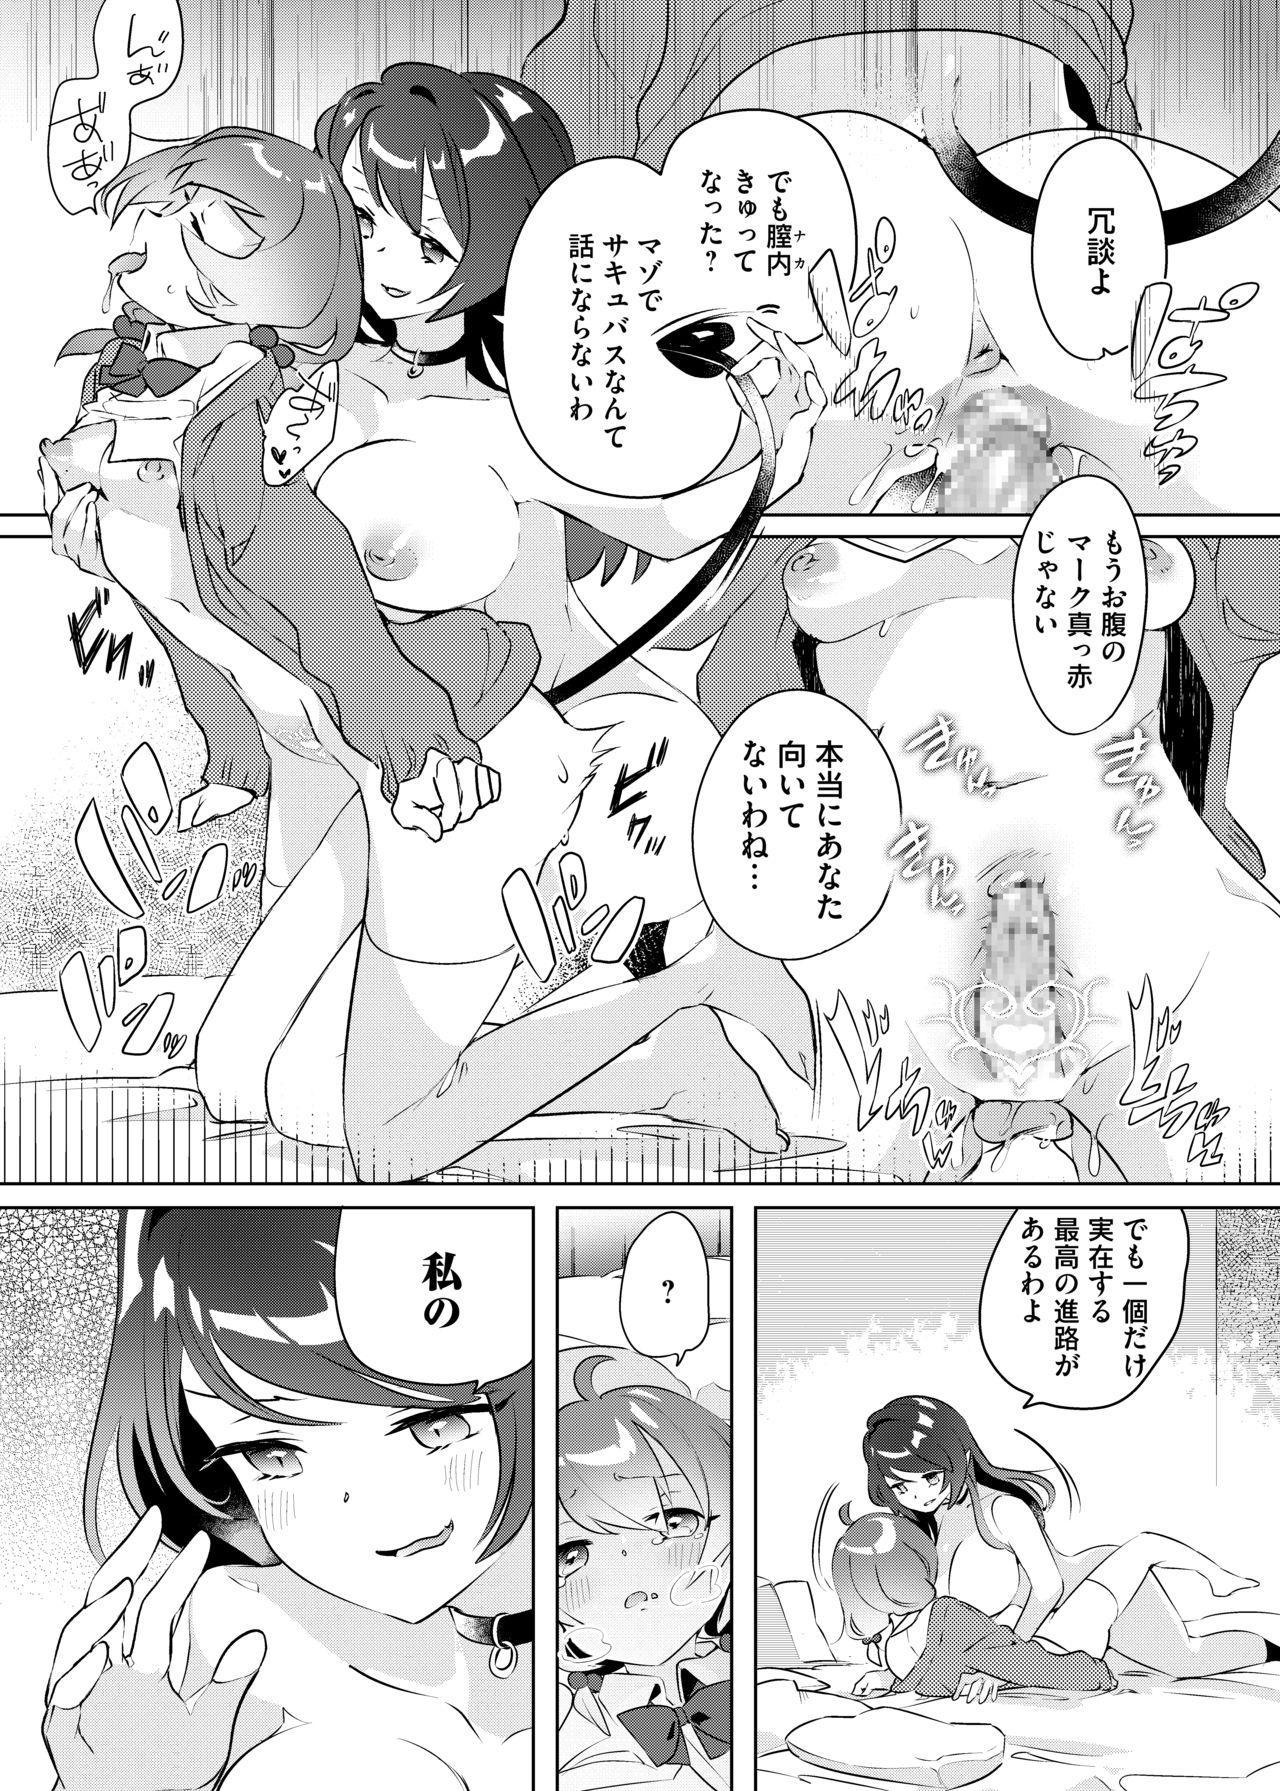 Succubus Shiken Taisaku Chitsunai Shasei Gakushuu ga Ichiban Kouritsu Iin desu 20